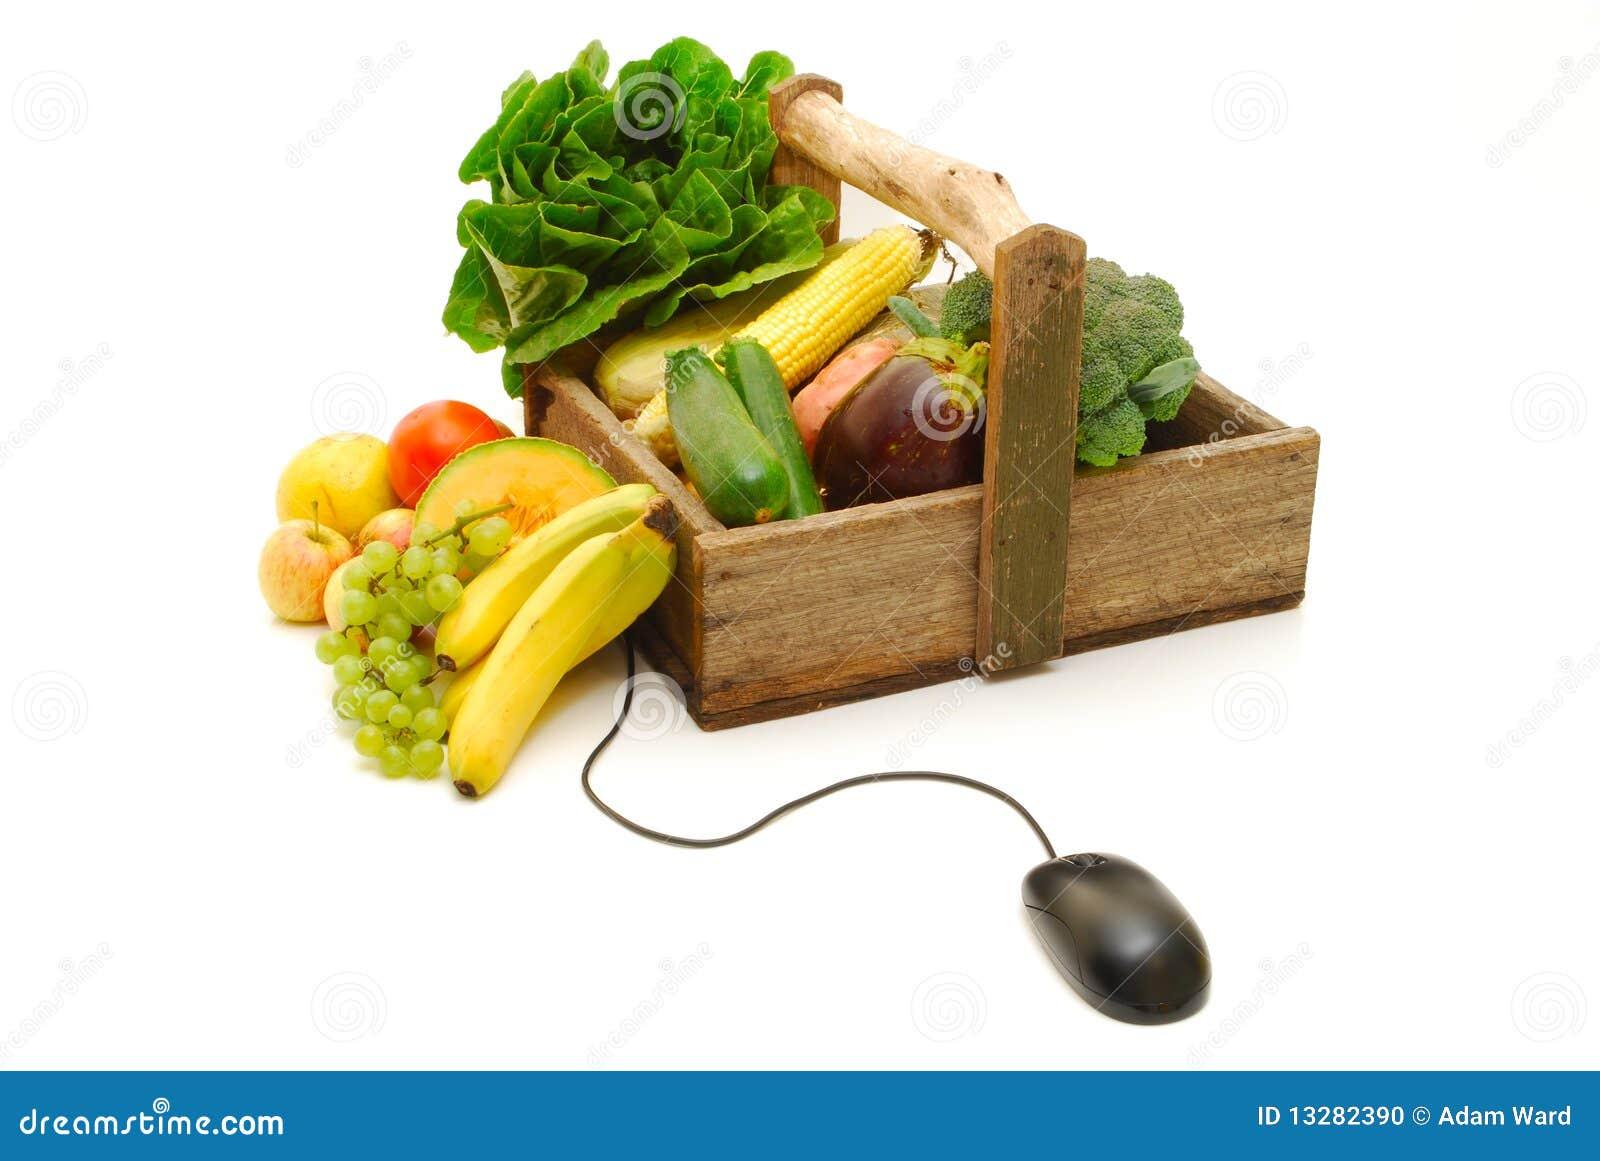 394c11655f5 Achats En Ligne De Fruits Et Légumes Photo stock - Image du mûr ...